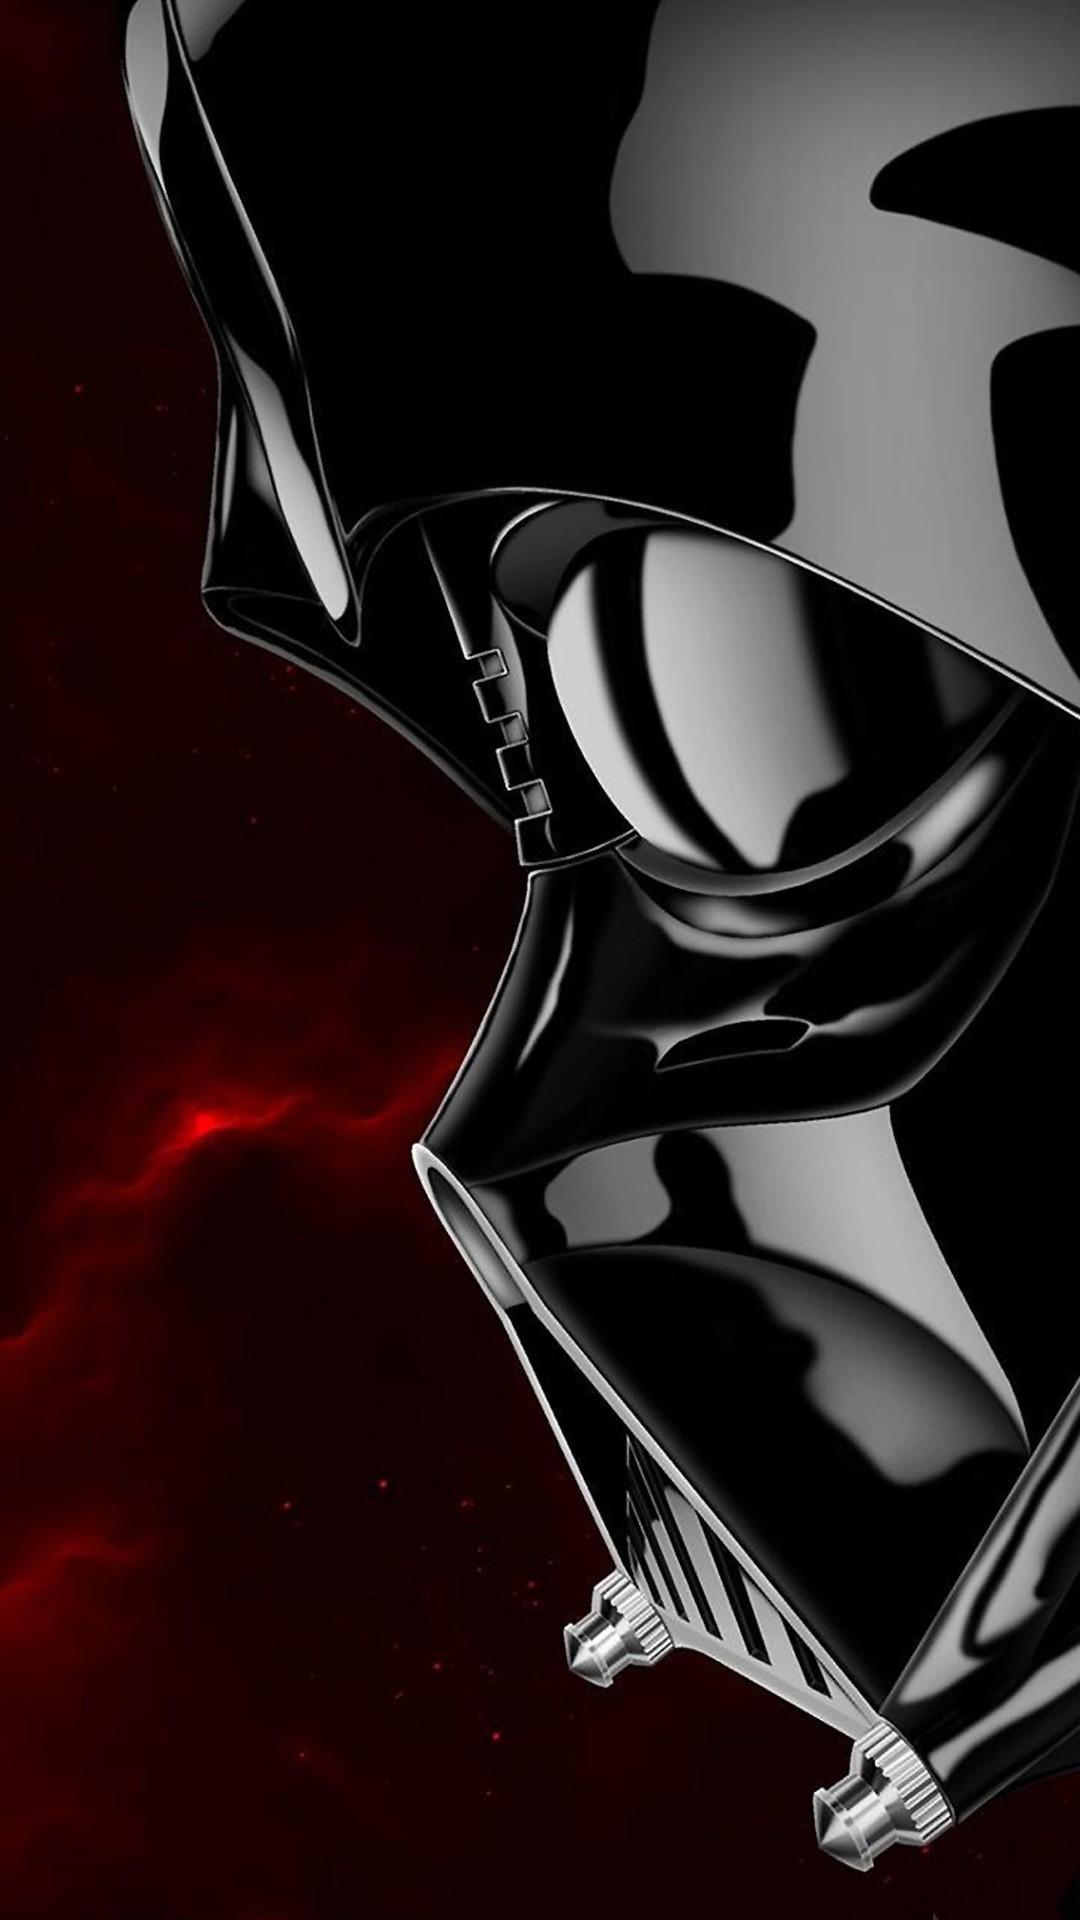 Darth Vader Star Wars Star Wars Illustration #iPhone #7 #wallpaper